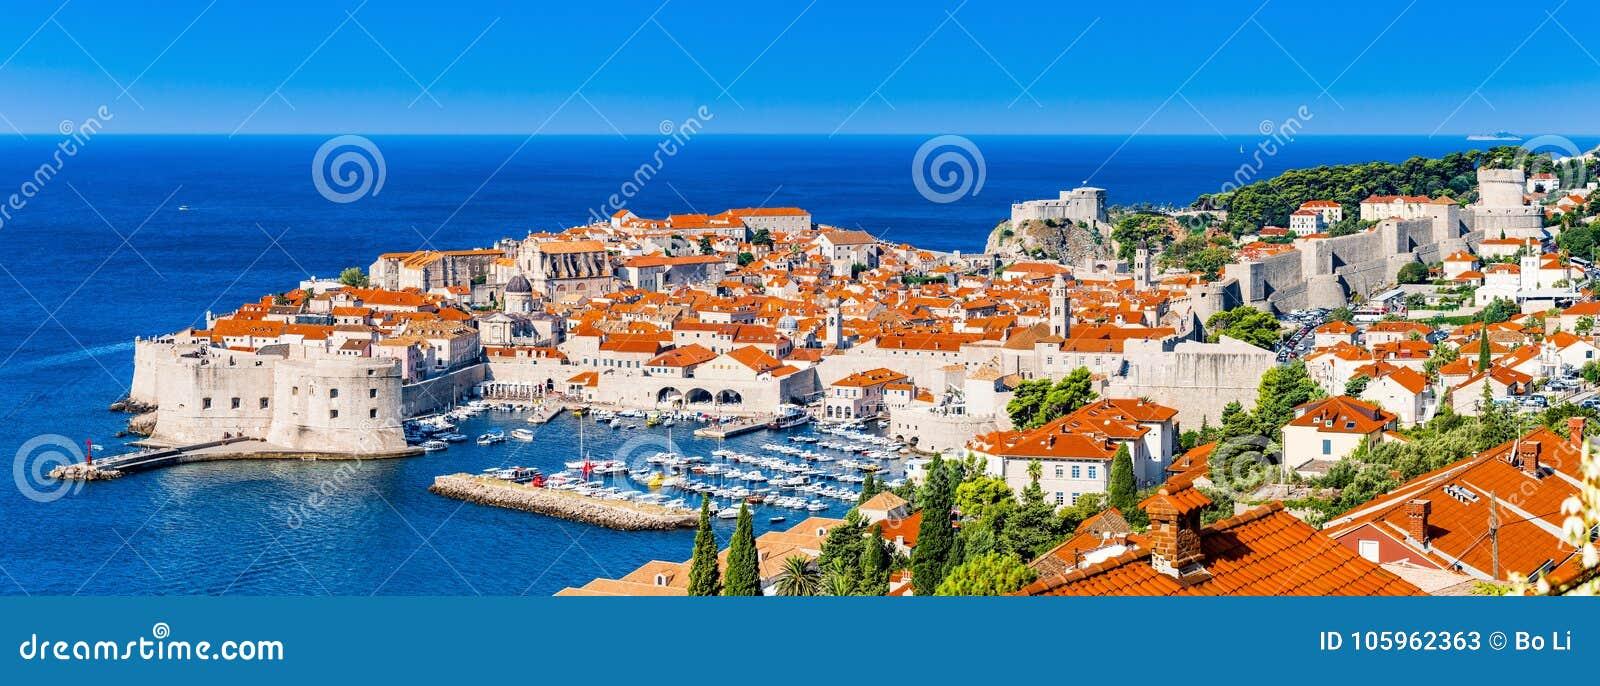 Panorama of Dubrovnik in Croatia